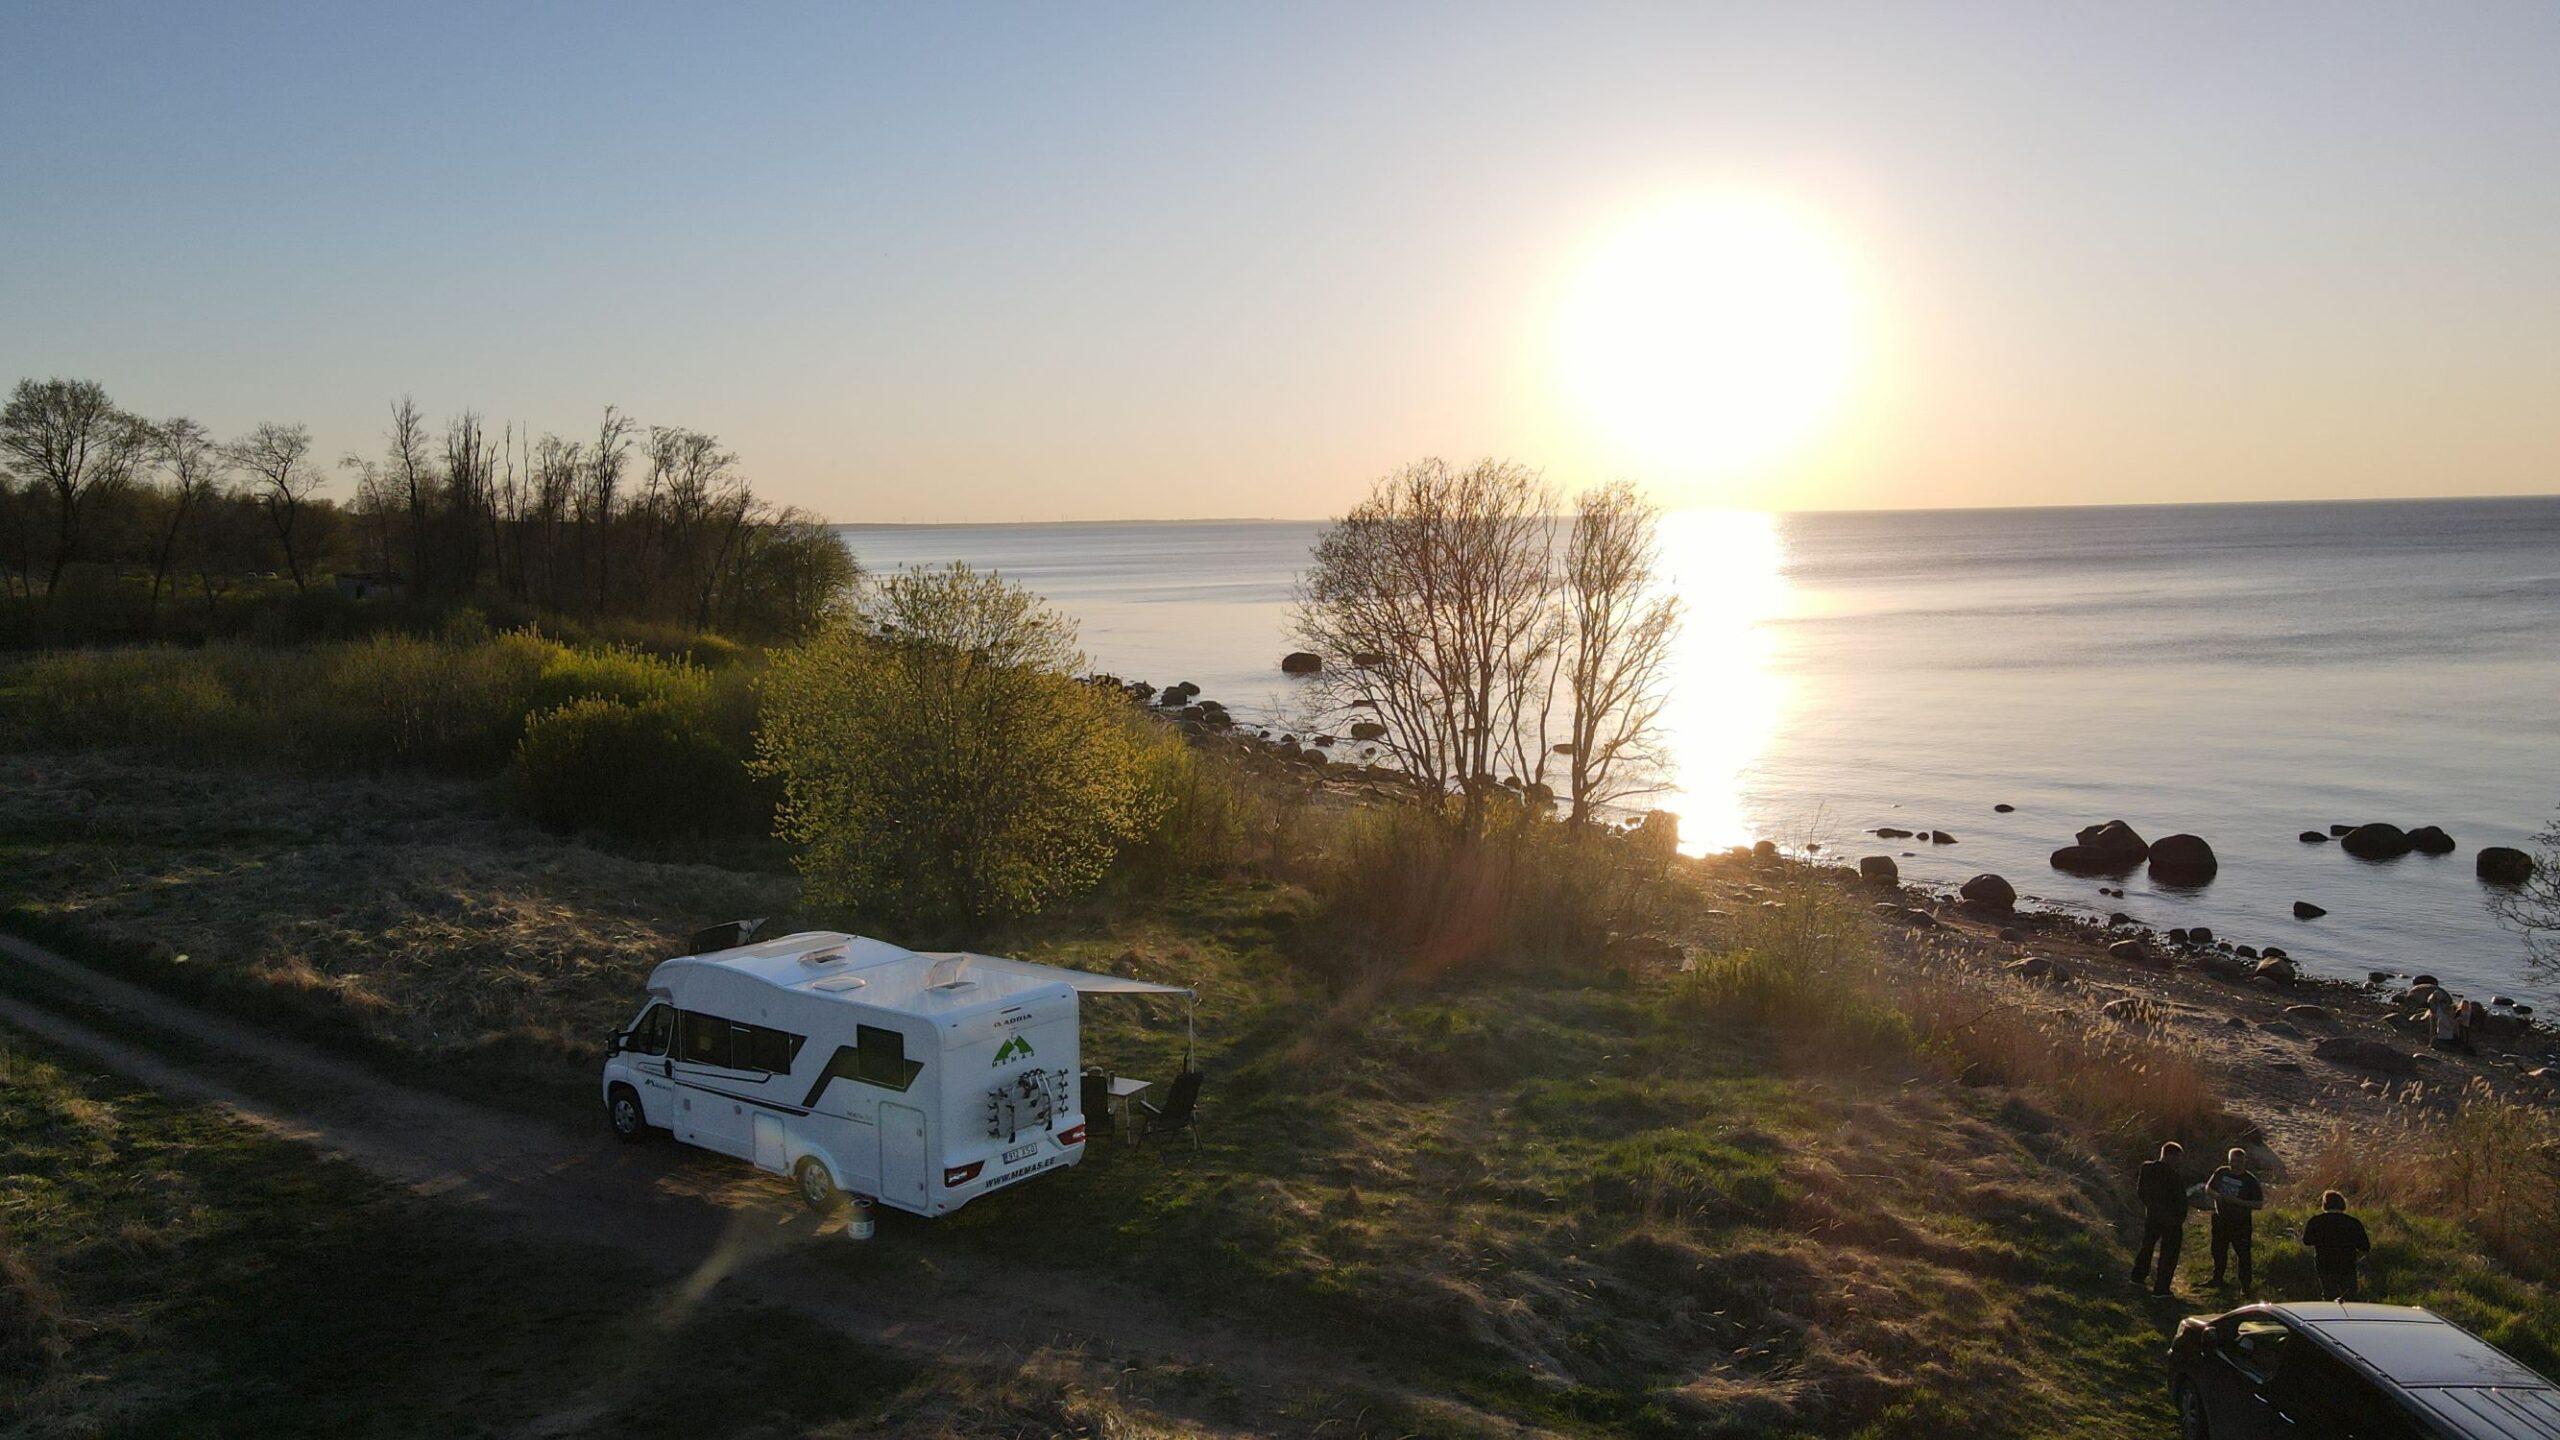 matkaauto adria matrix 670sl mere ääres päikeseloojang drooni pilt memas ou